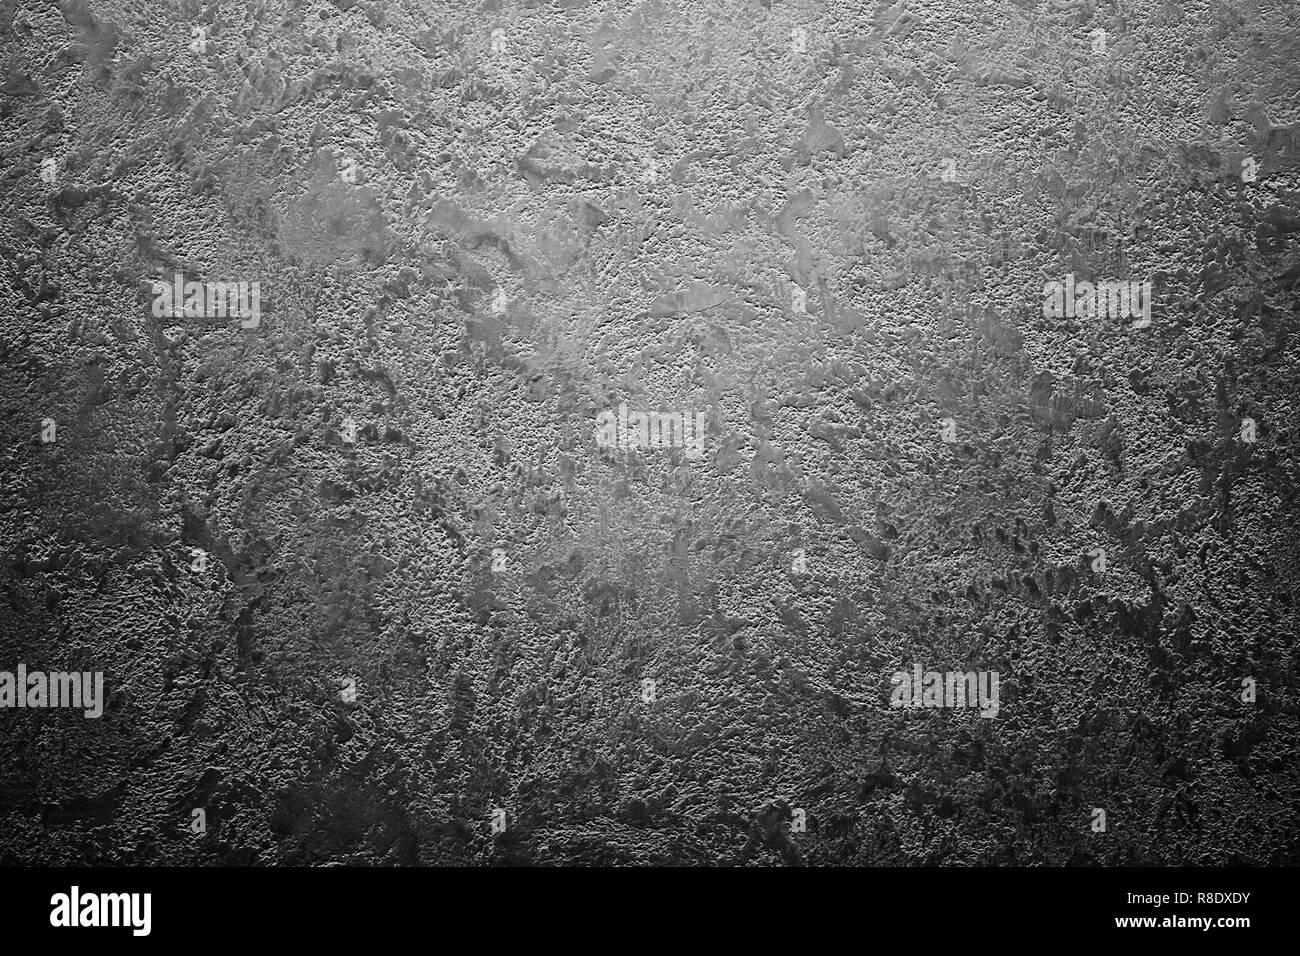 Dark grunge black abstract texture vignette background Stock Photo